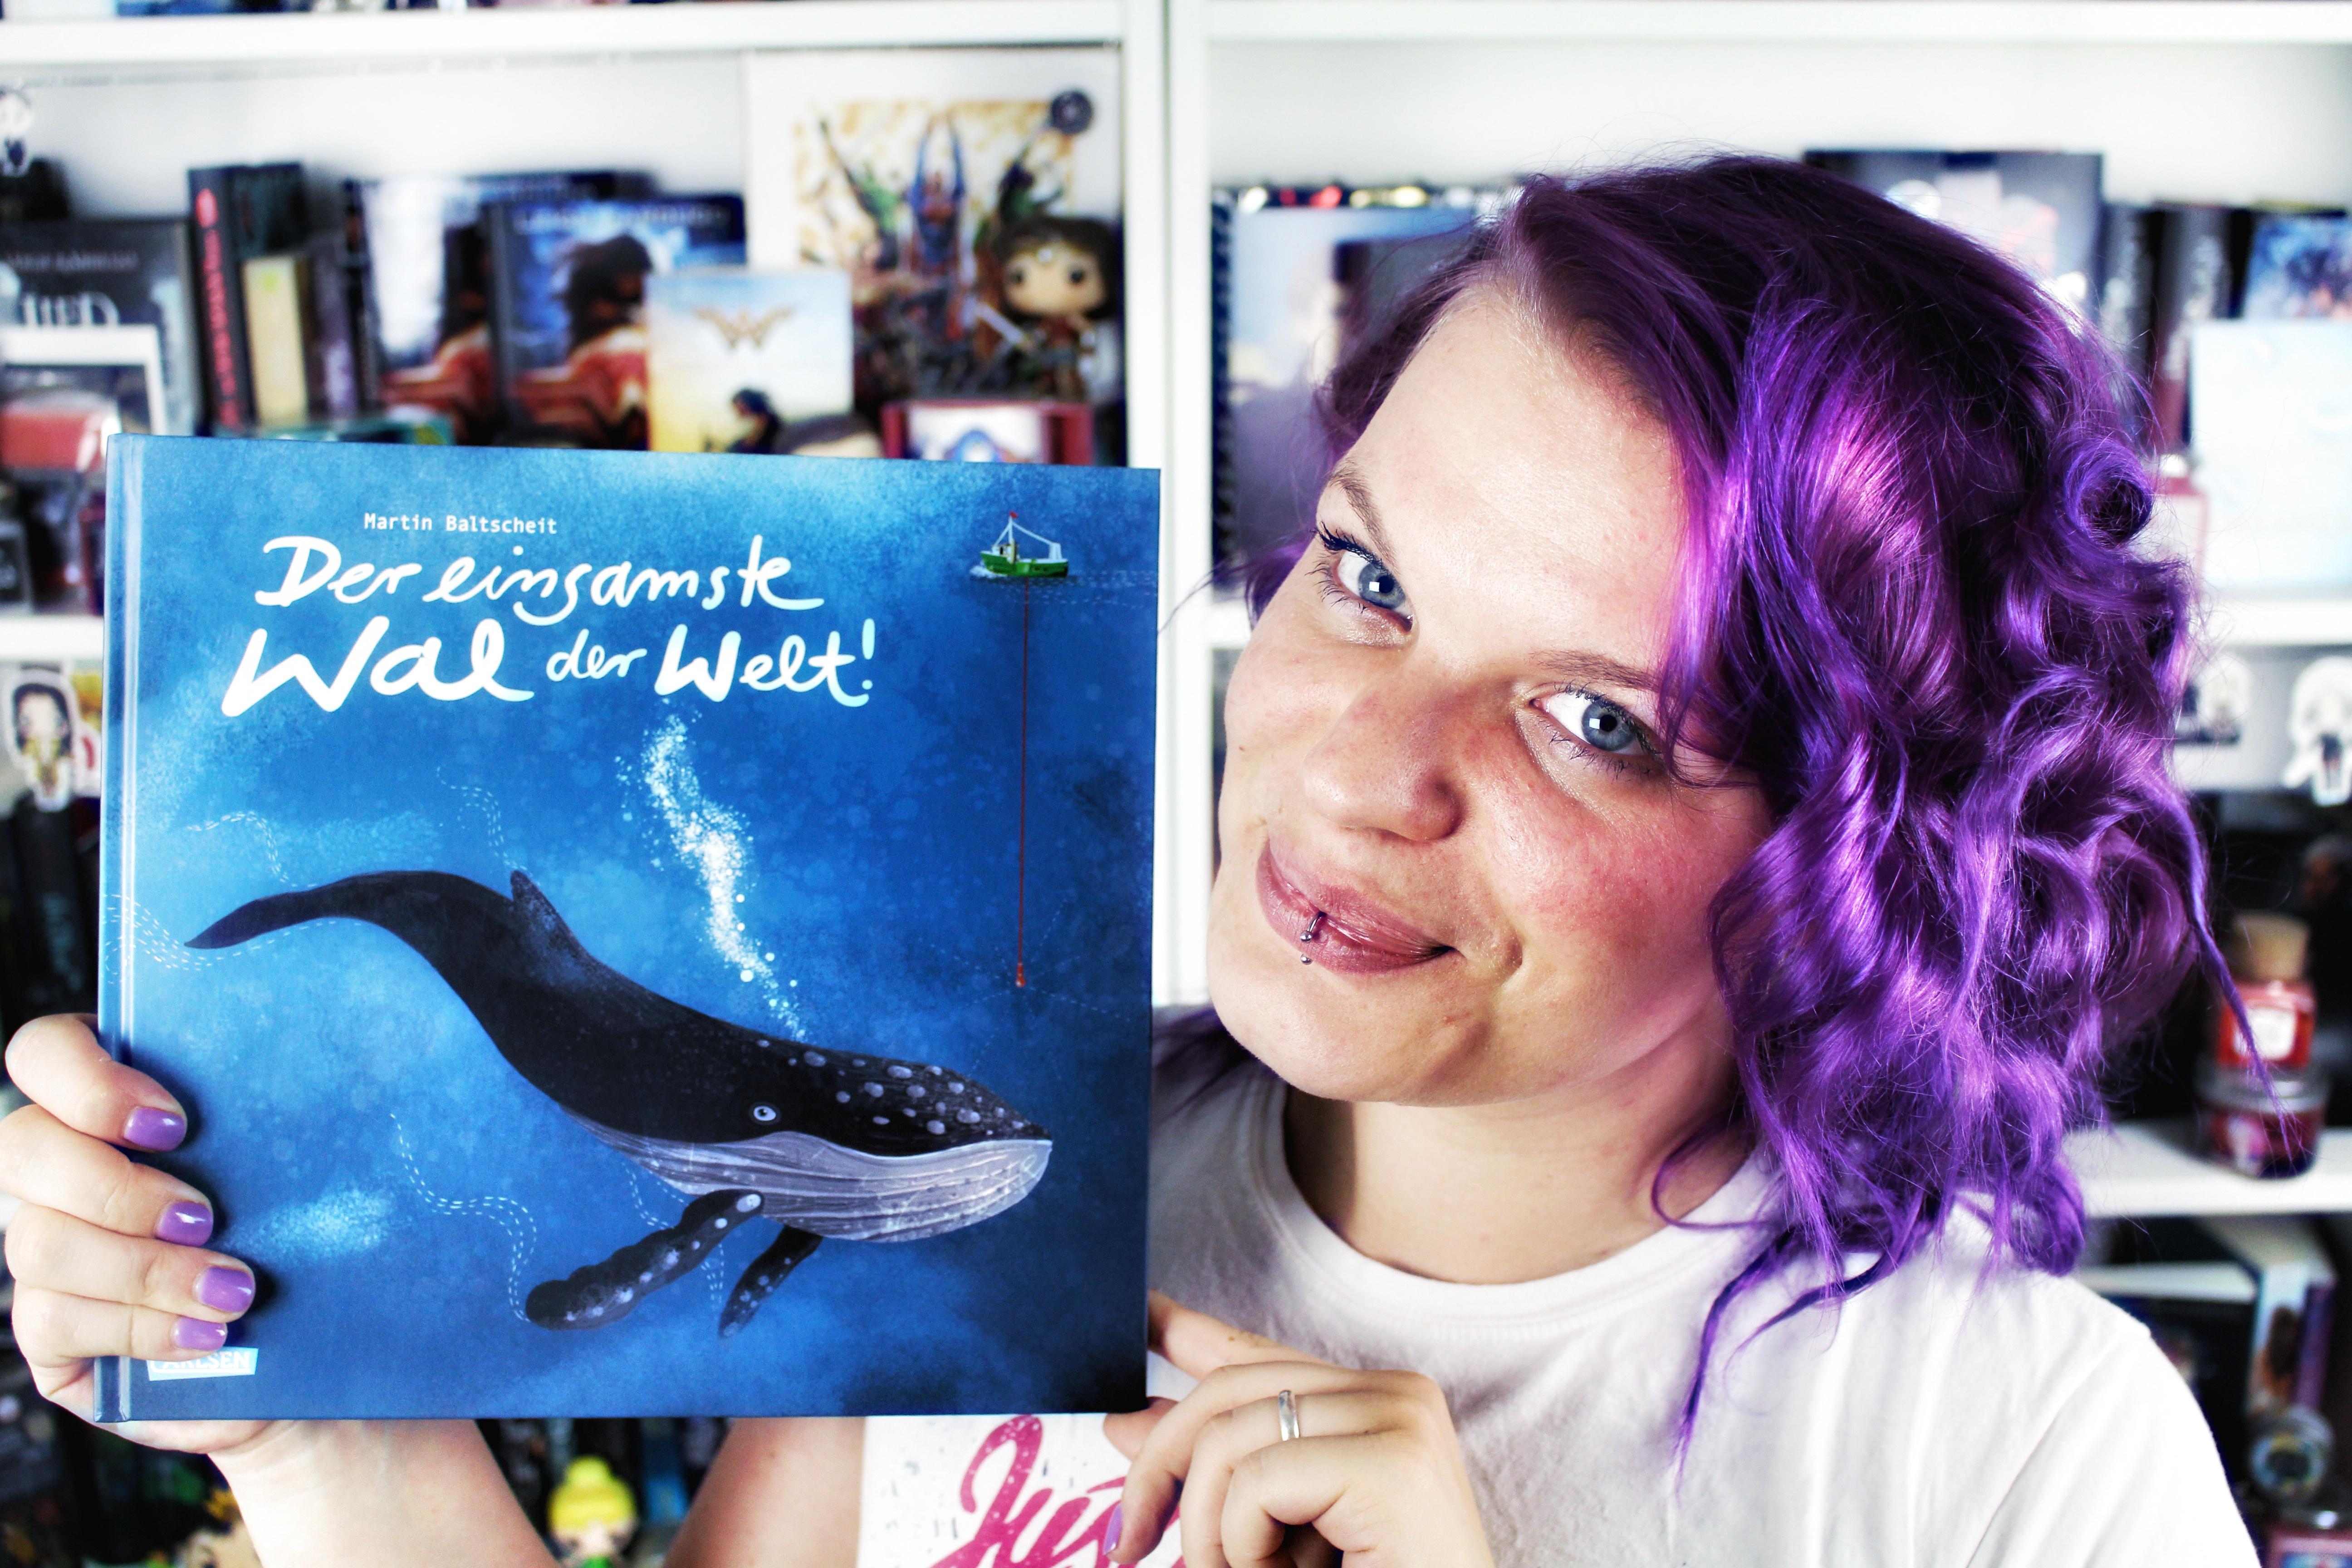 Der einsamste Wal der Welt | Die Geschichte hinter dem Buch